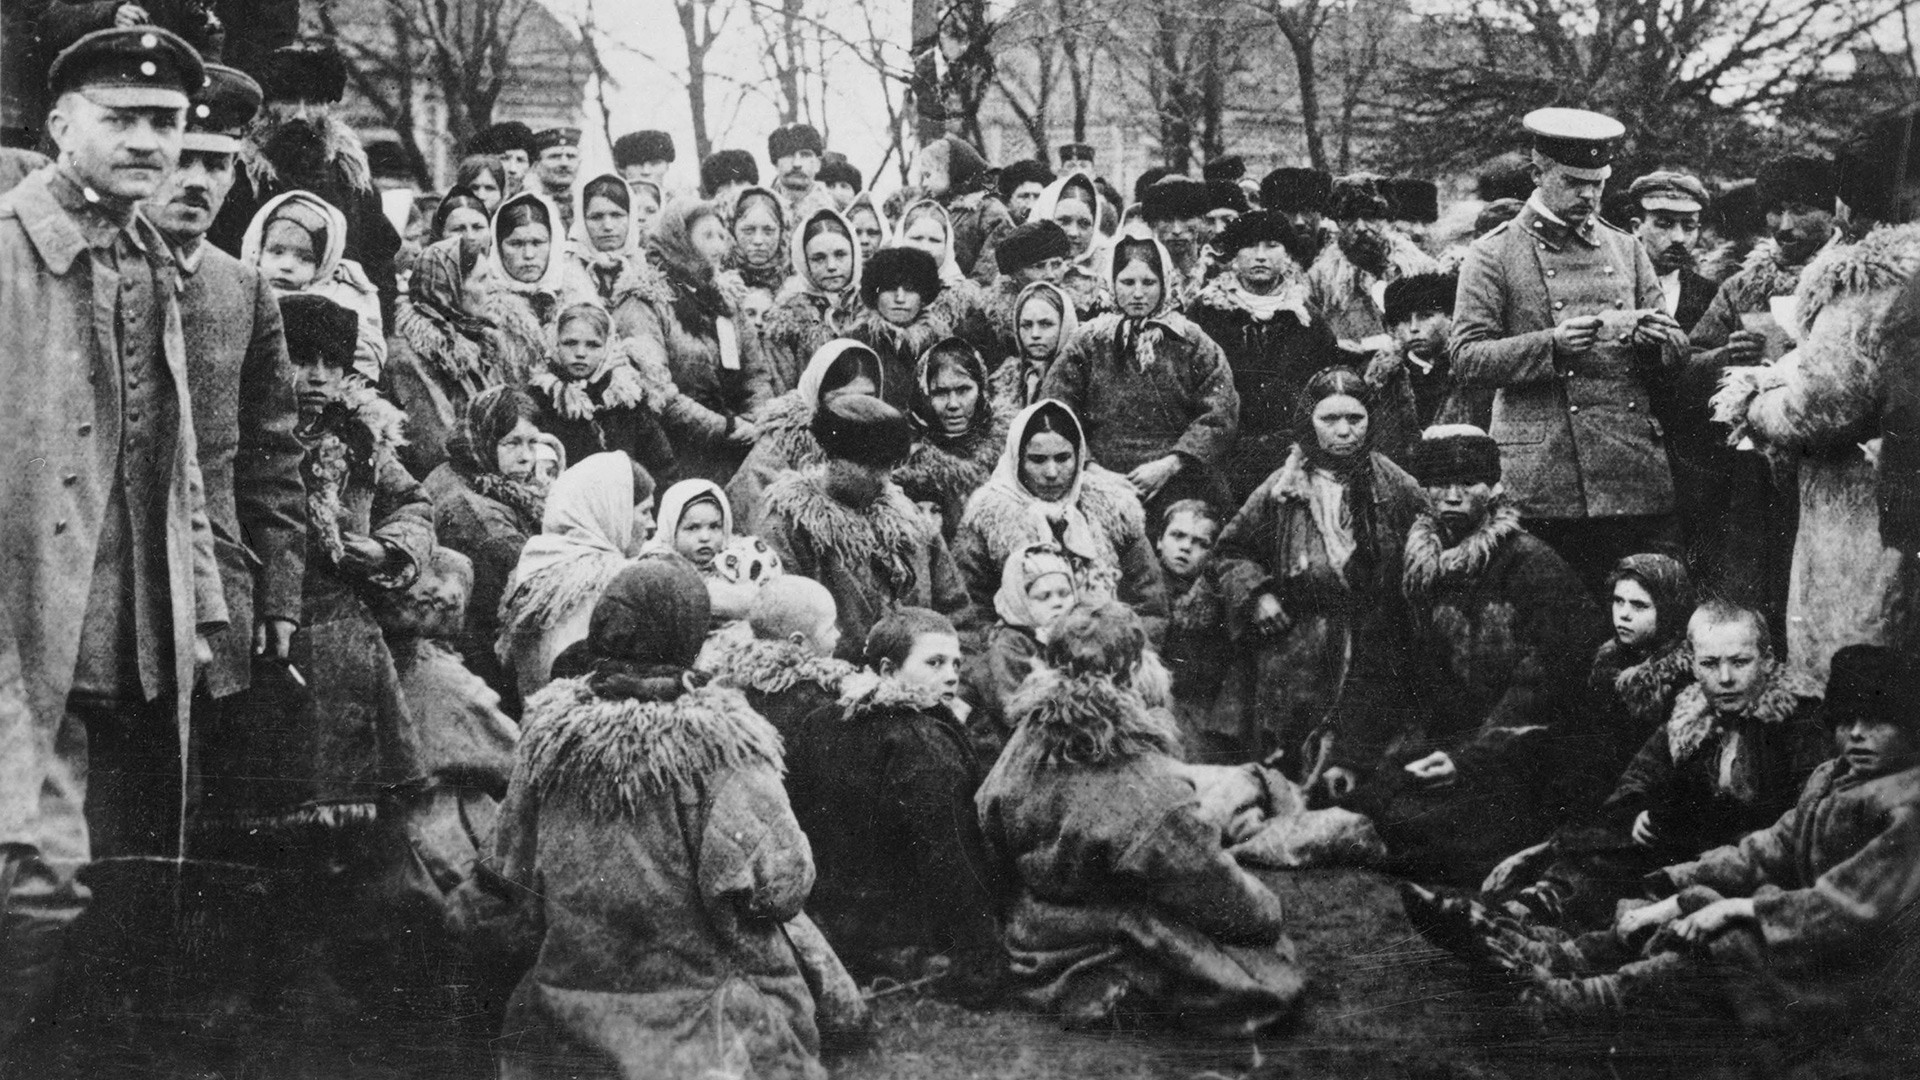 Eine Menge russische jüdischer Flüchtlinge. Beamte kontrollieren ihre Papiere.